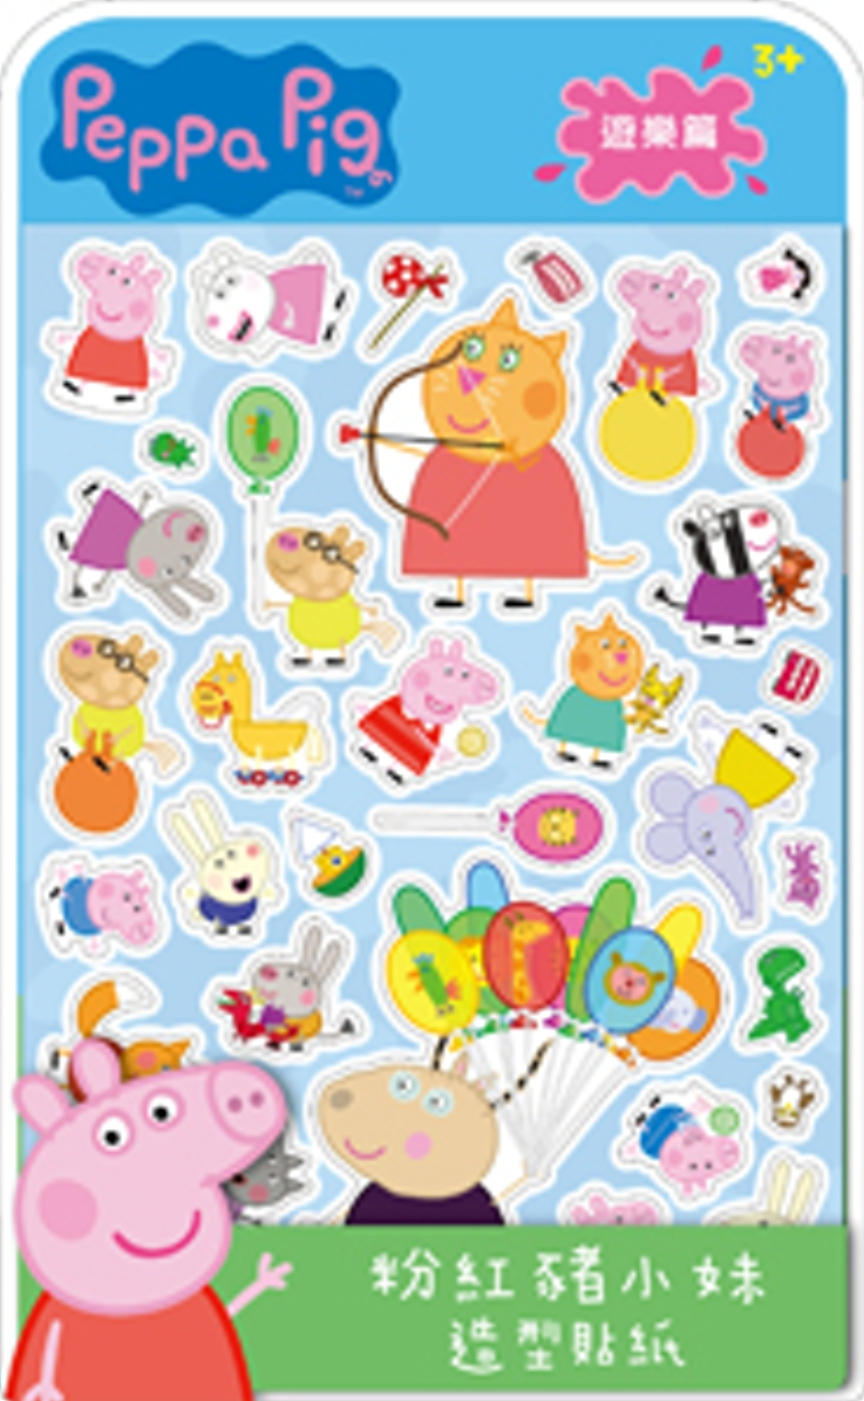 粉紅豬小妹 造型貼紙:遊樂篇